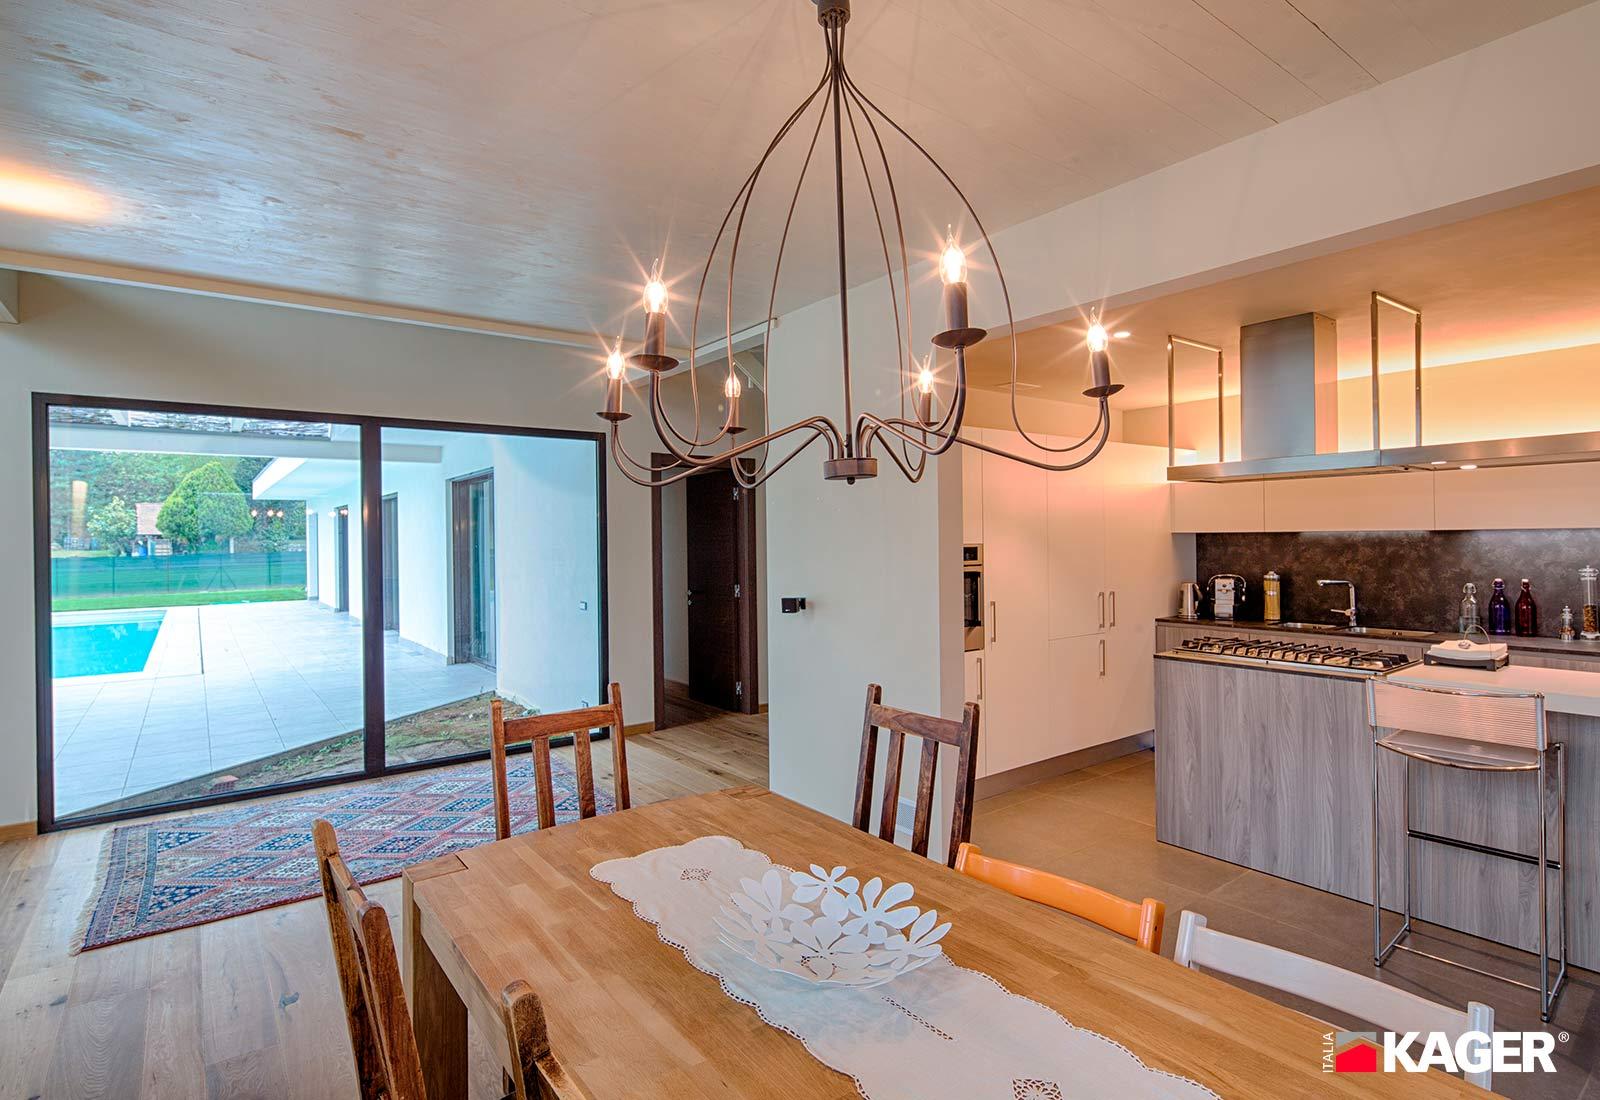 Casa-in-legno-Cureggio-Kager-Italia-10